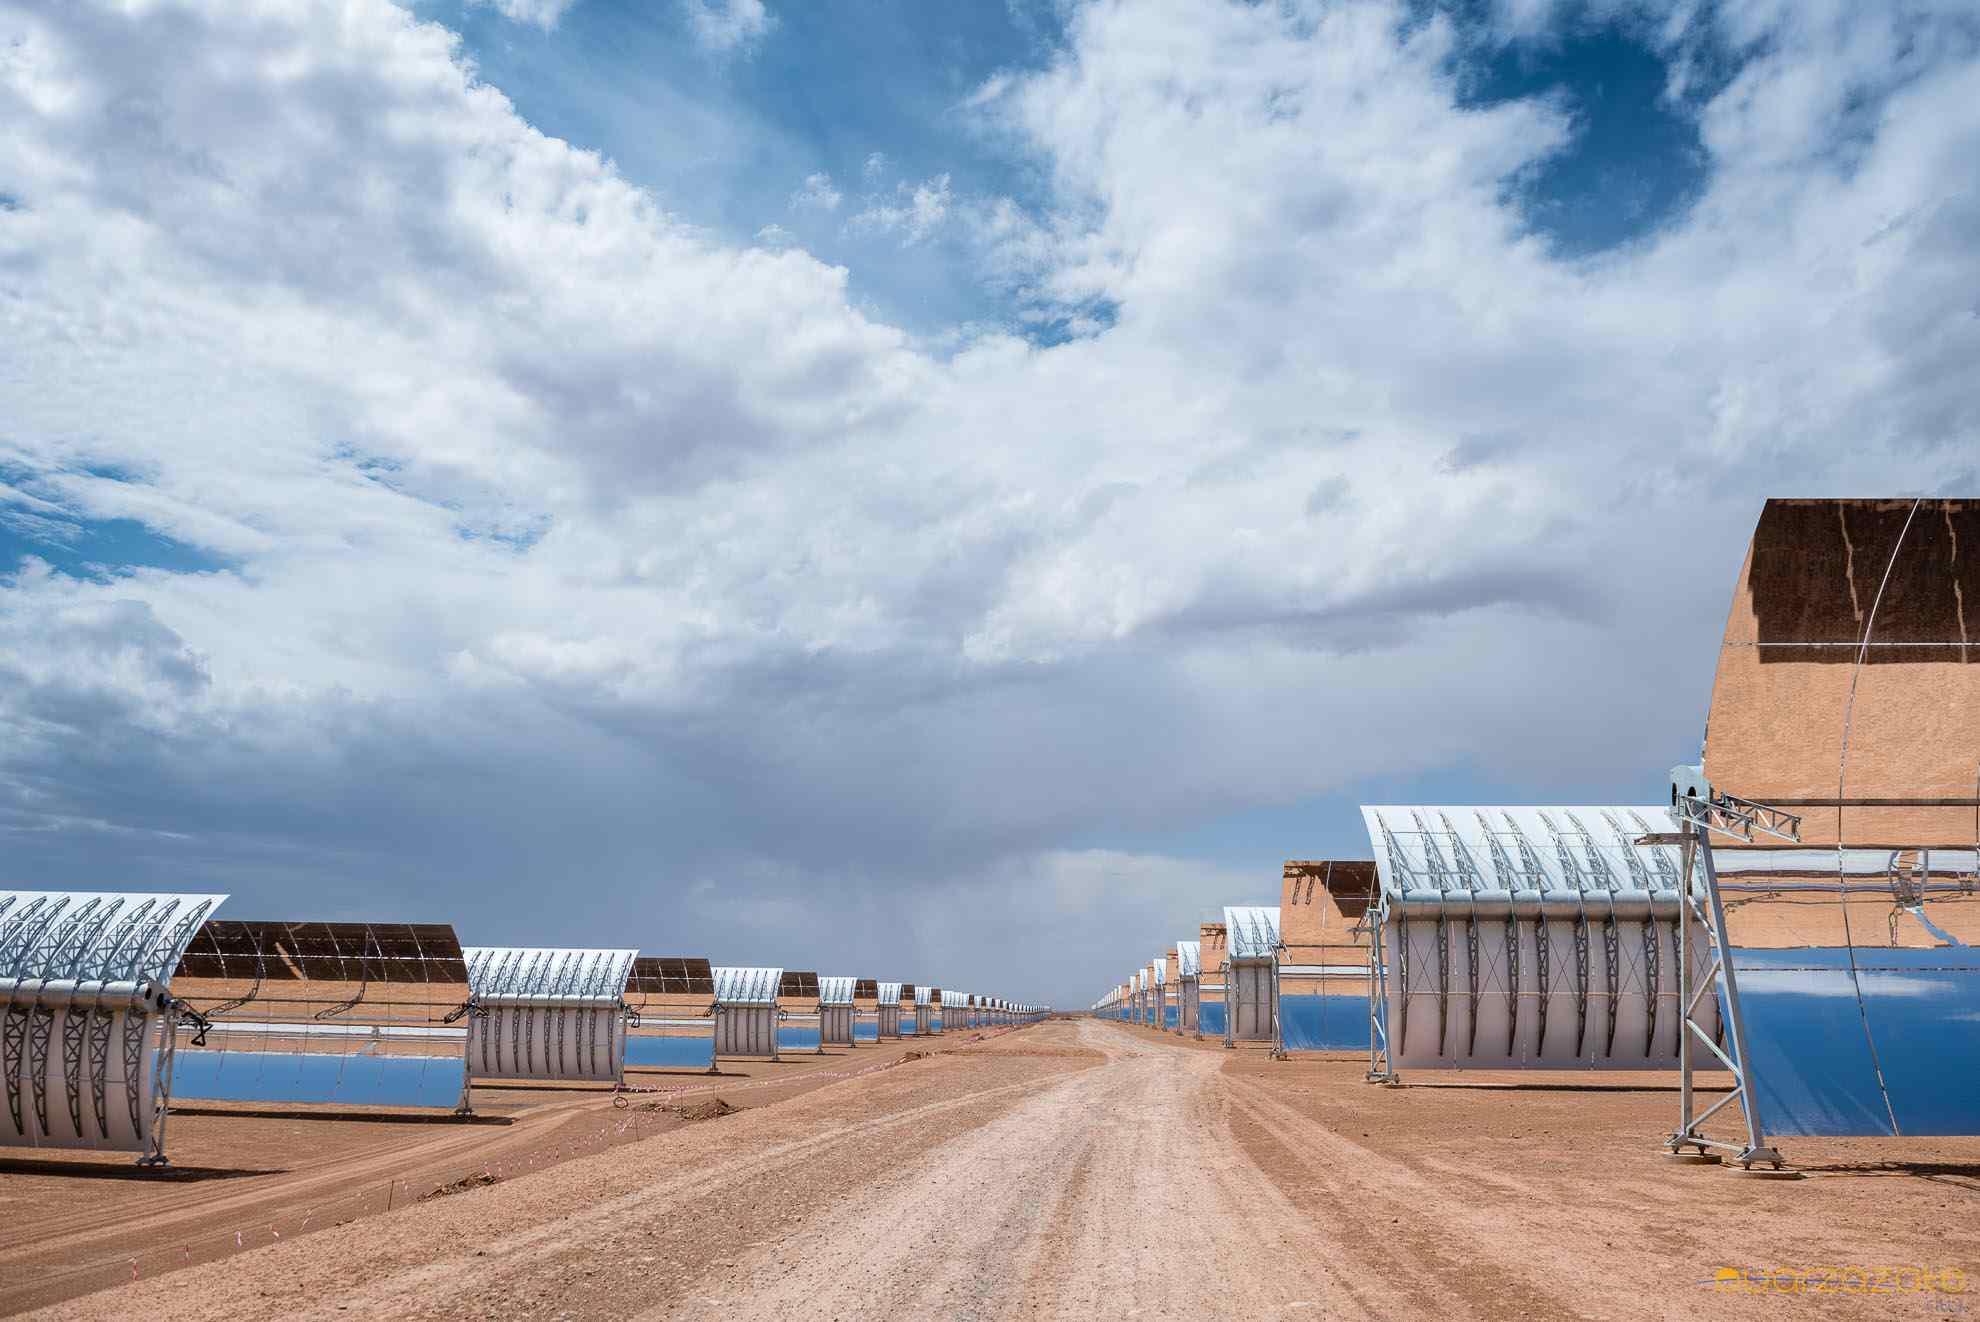 Inside Ouarzazate solar power station